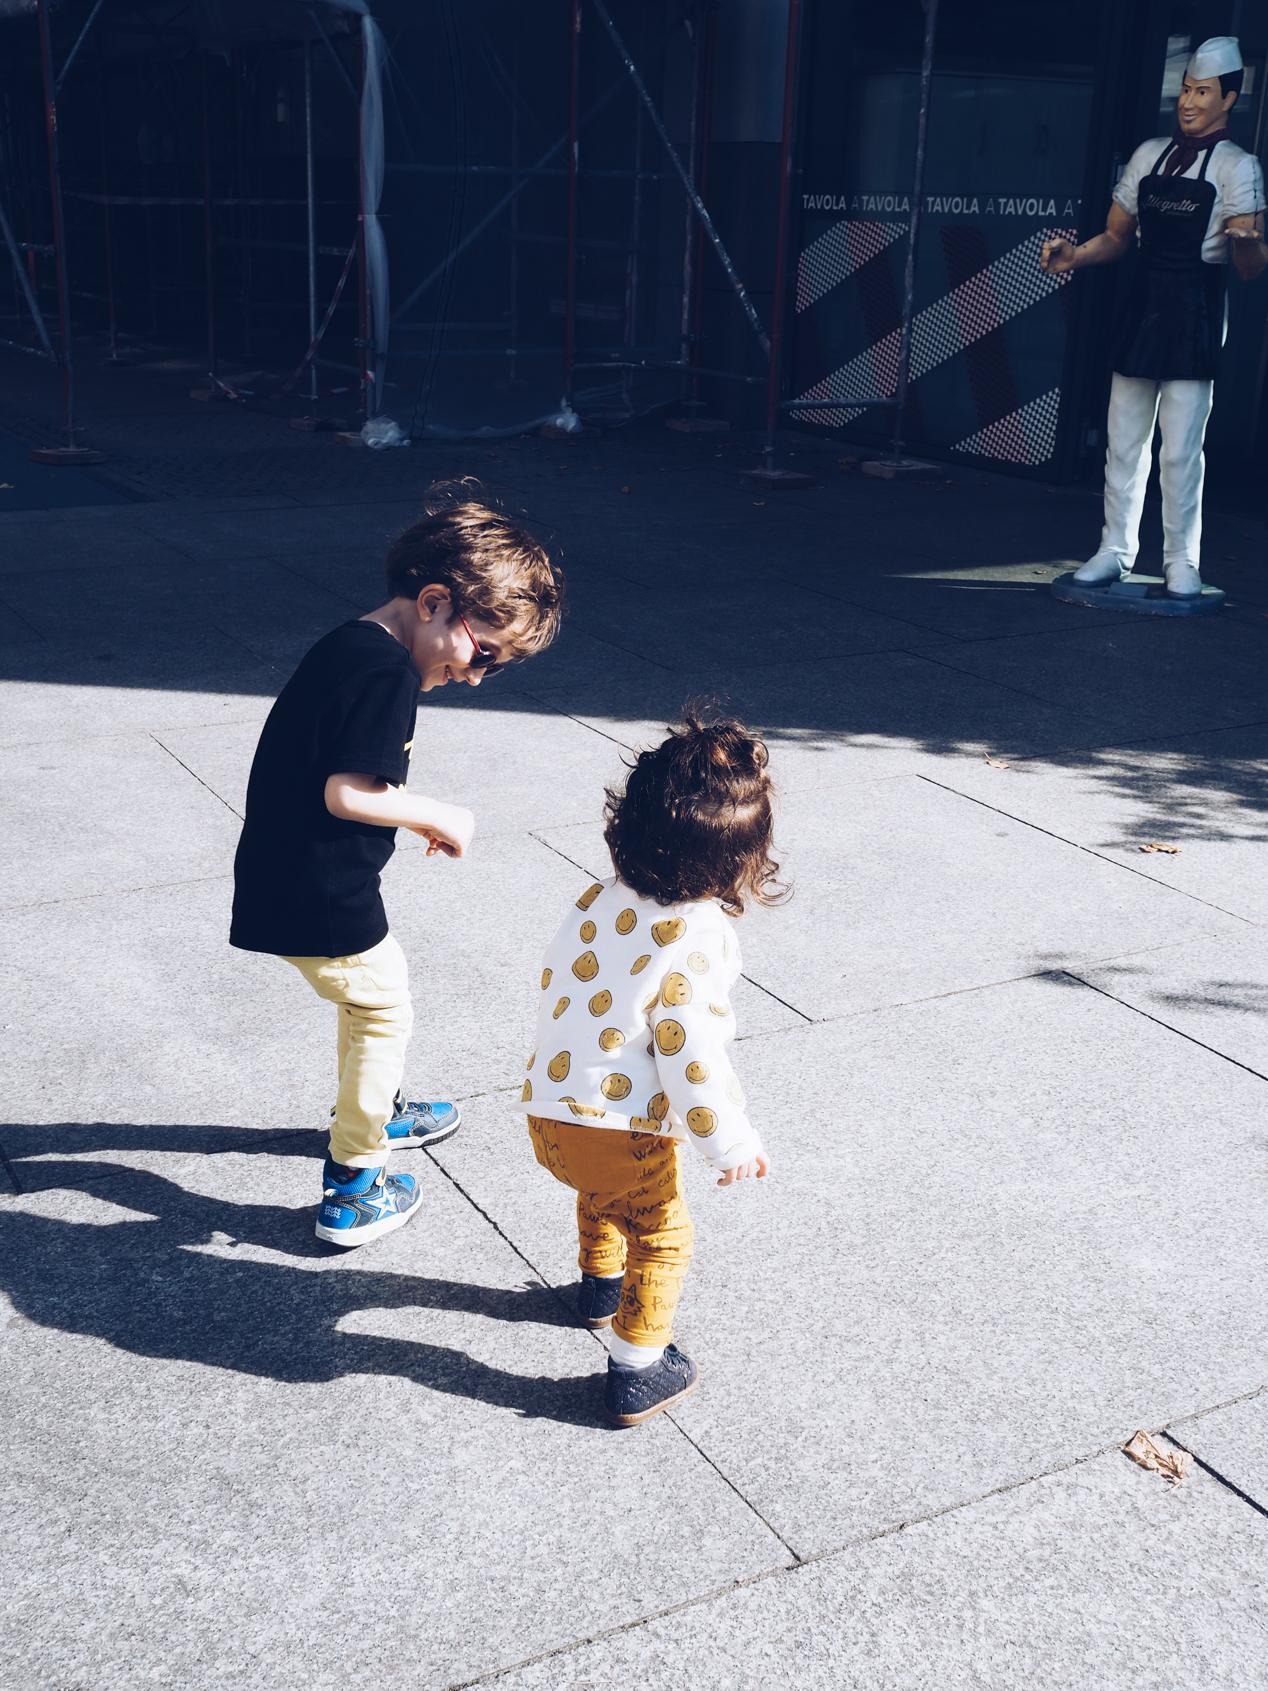 7 conseils pour voyager facilement avec ses enfants - 3 jours en famille a Berlin l La Fiancee du Panda blog maman et lifestyle-9305113